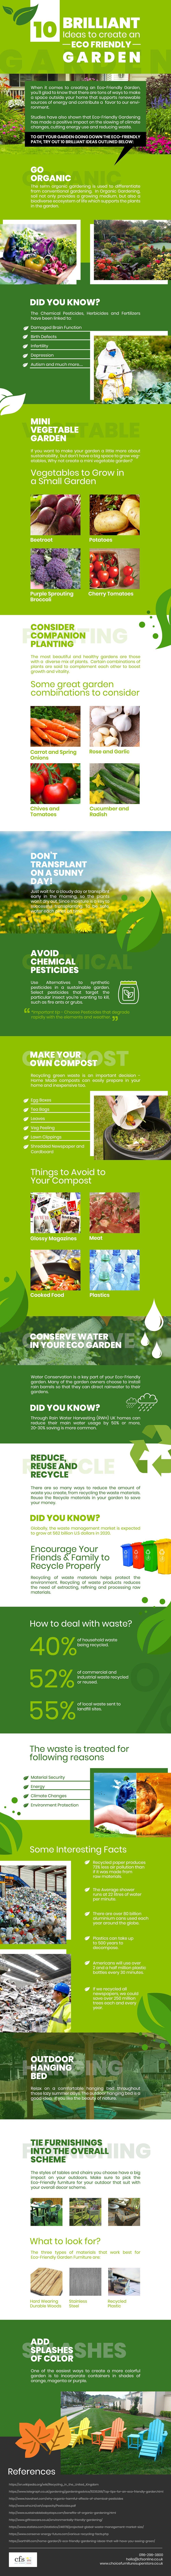 Eco Friendly Garden, Infographic, Home Garden